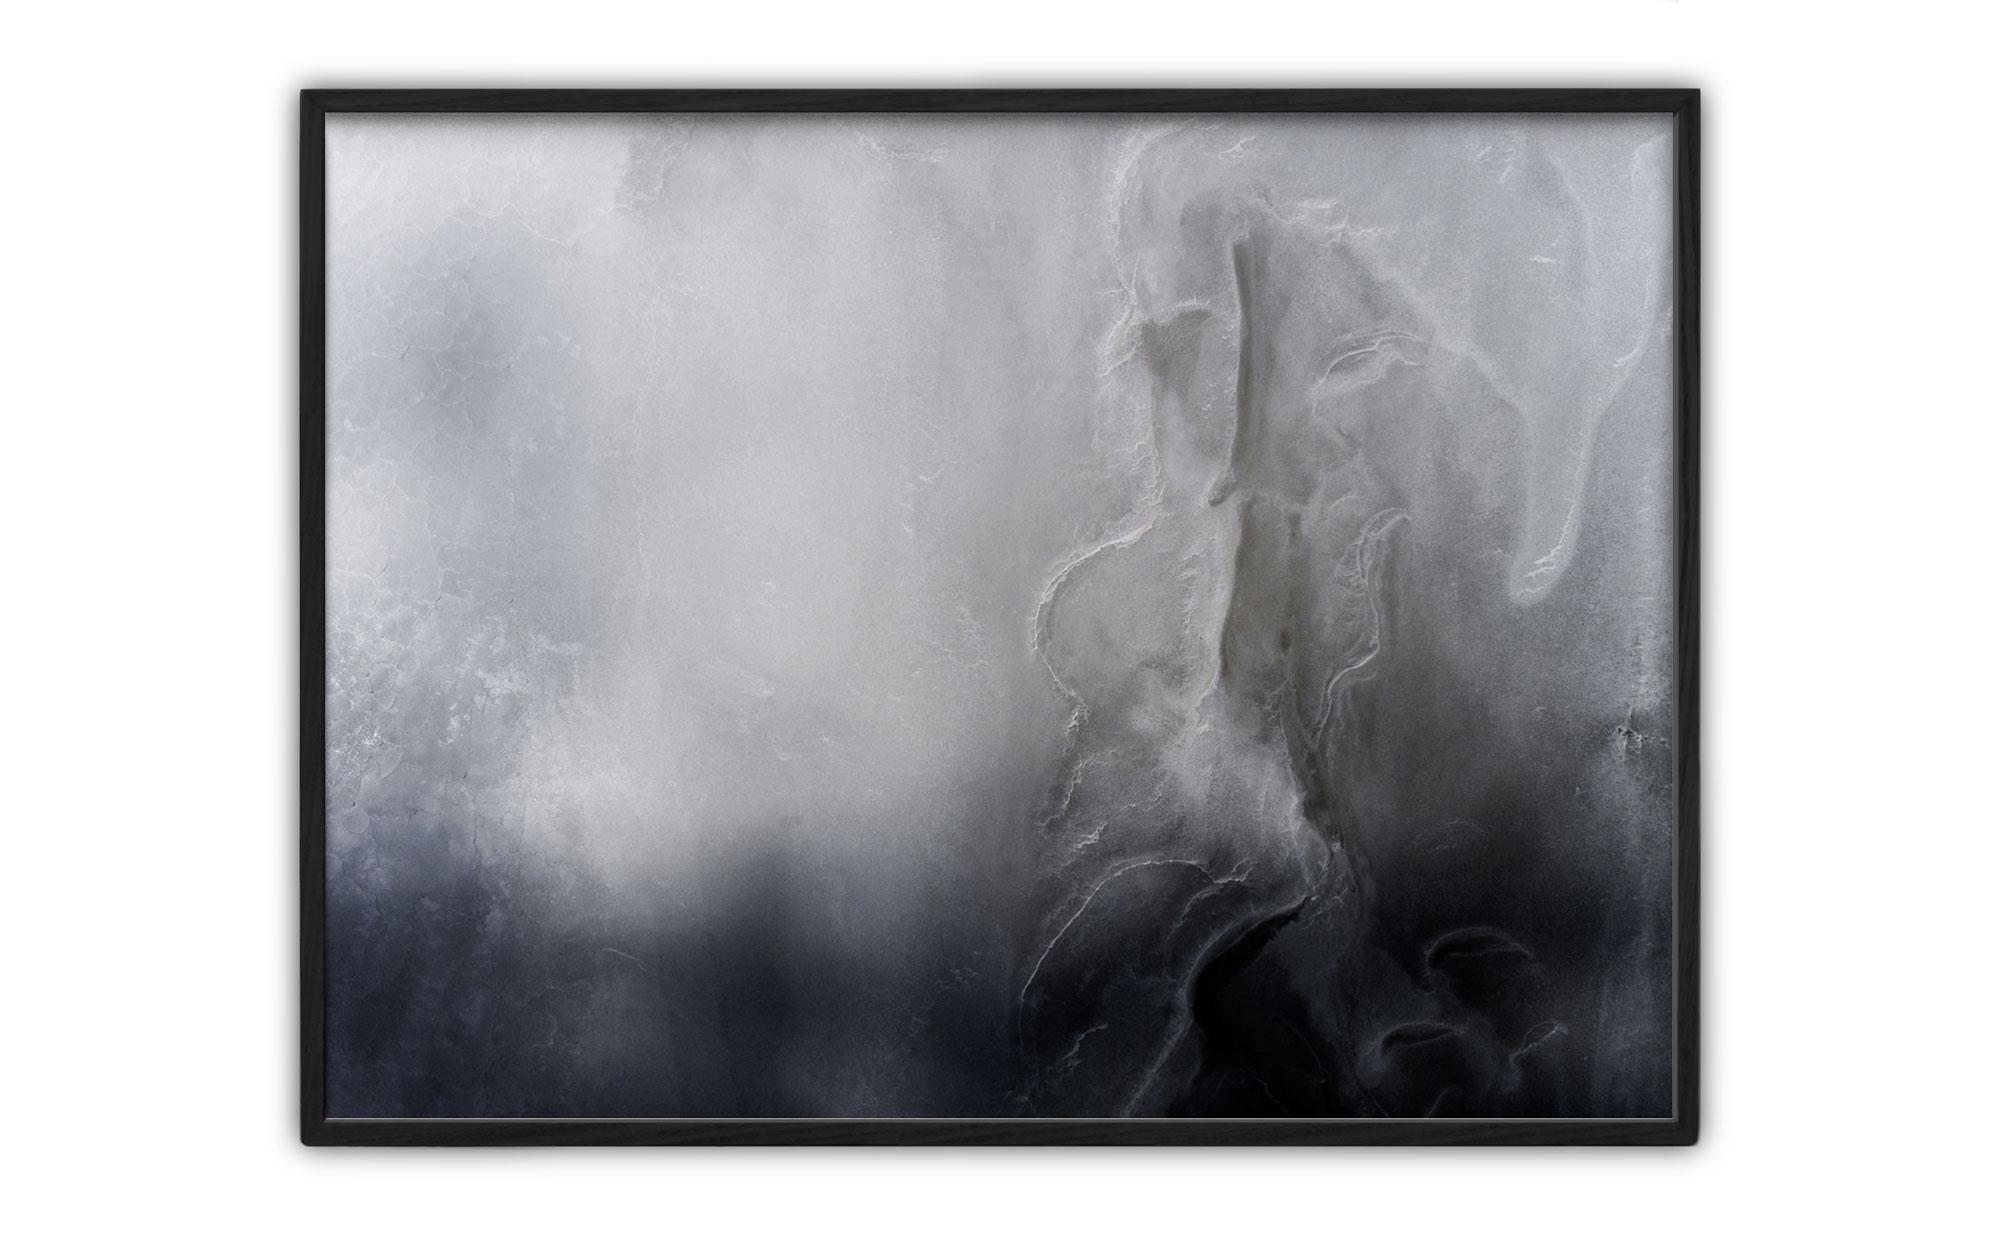 Maegan_Brown_Salt_Shadow_01_Framed_Black.jpg